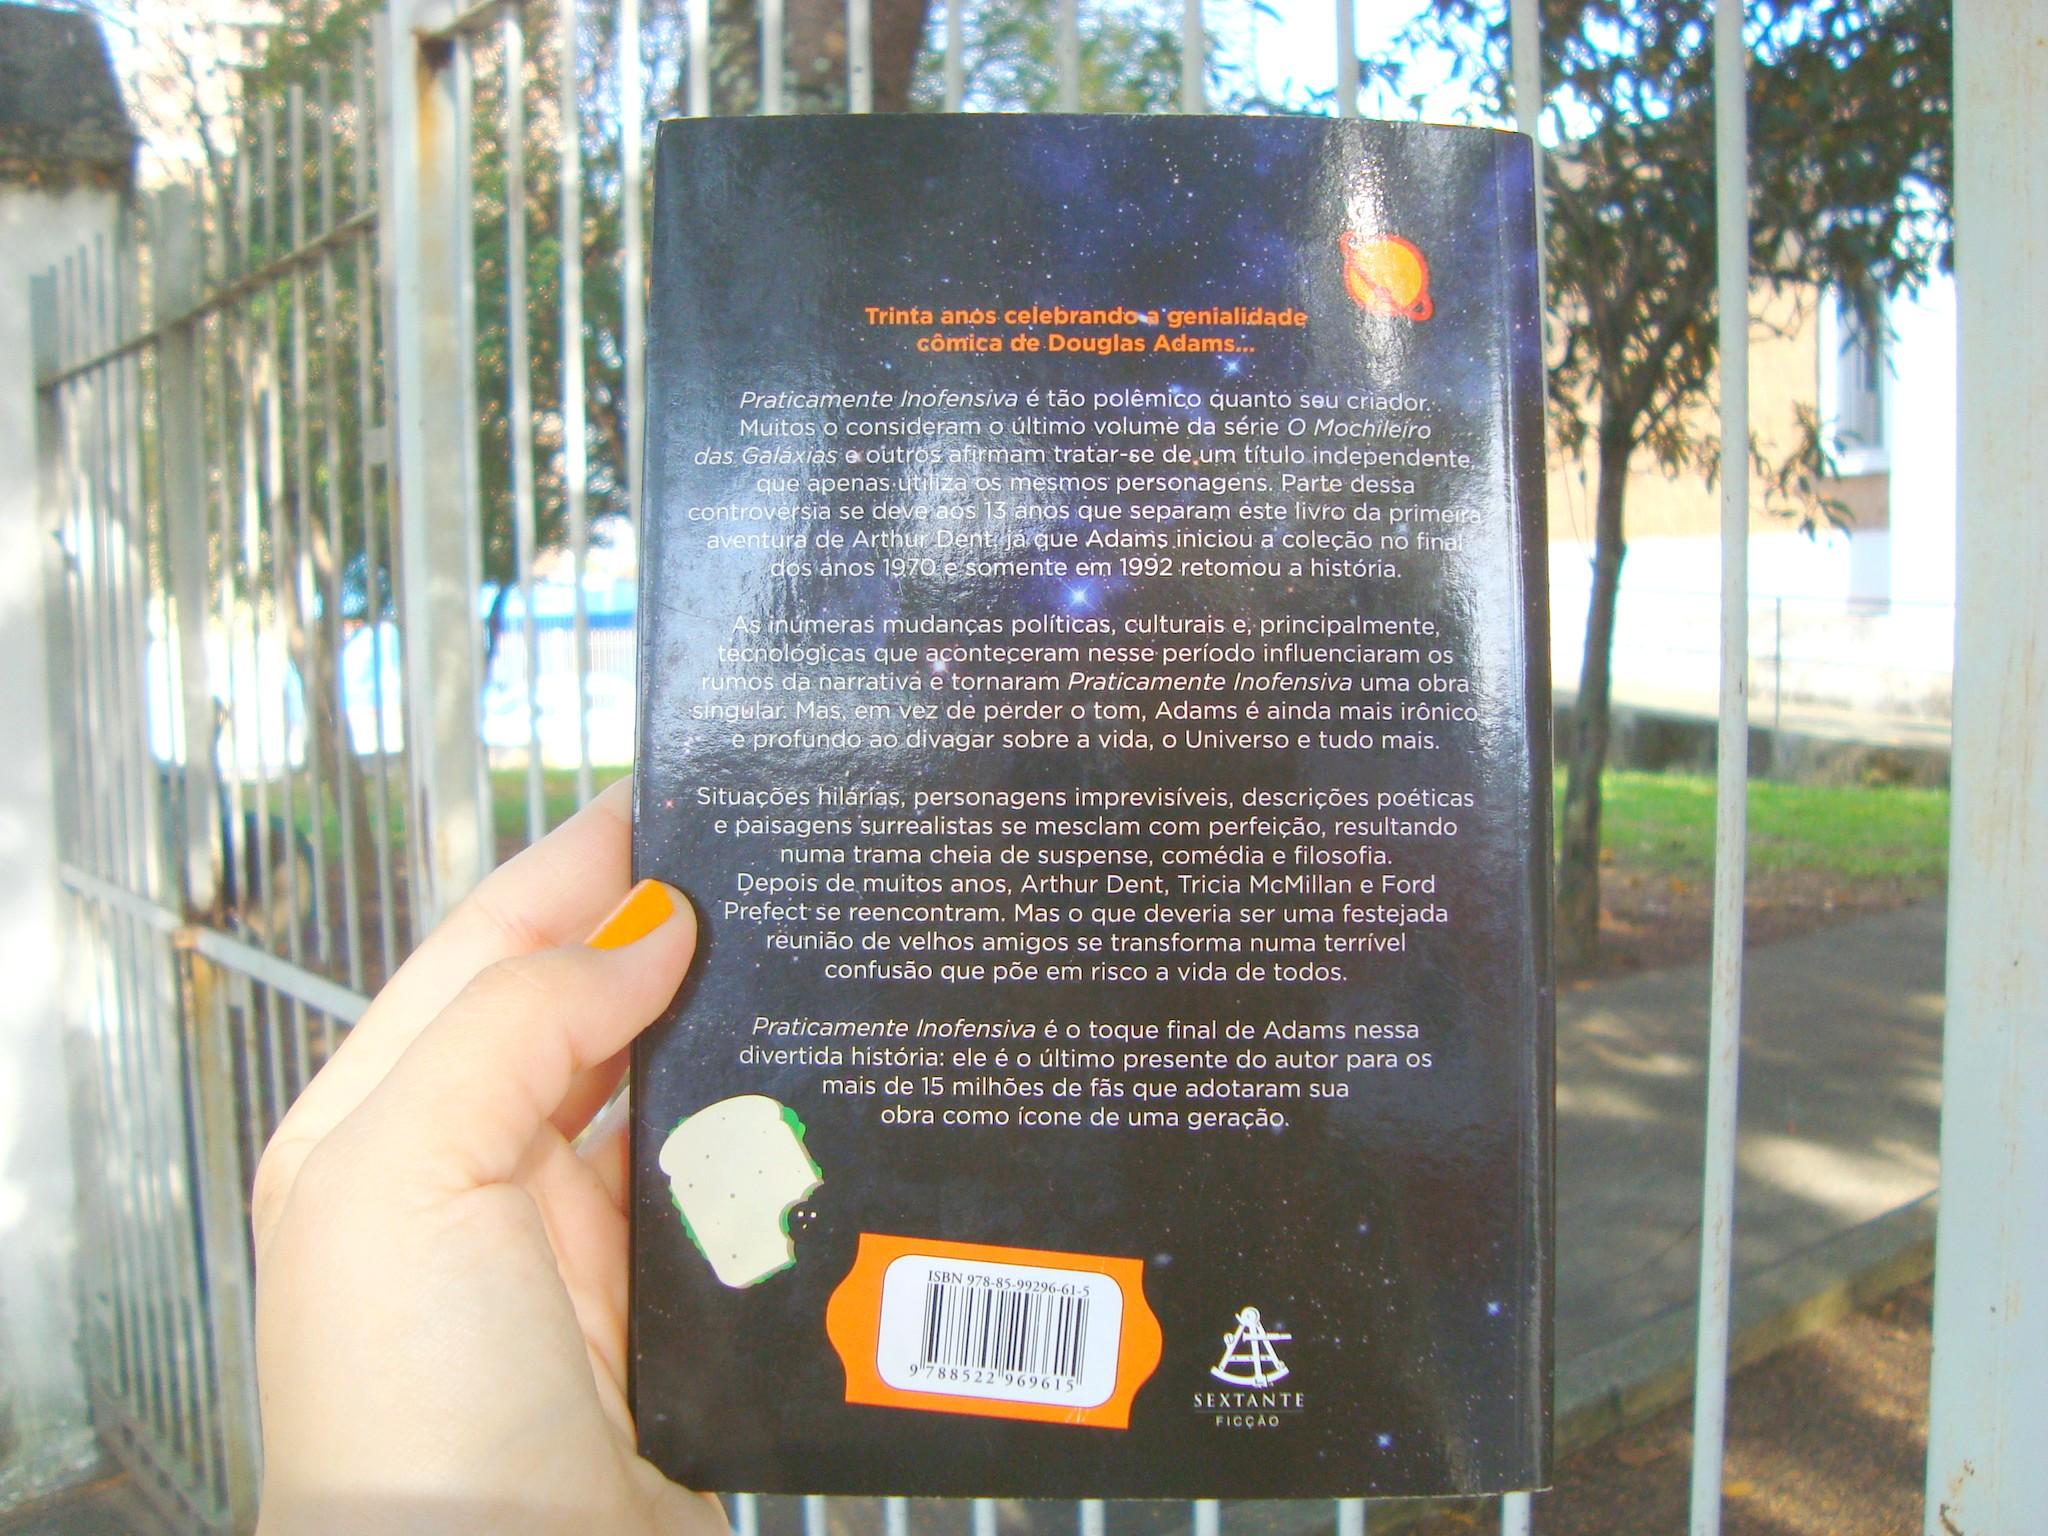 Contra Capa do livro Praticamente inofensiva da série O Guia do Mochileiro das Galáxias